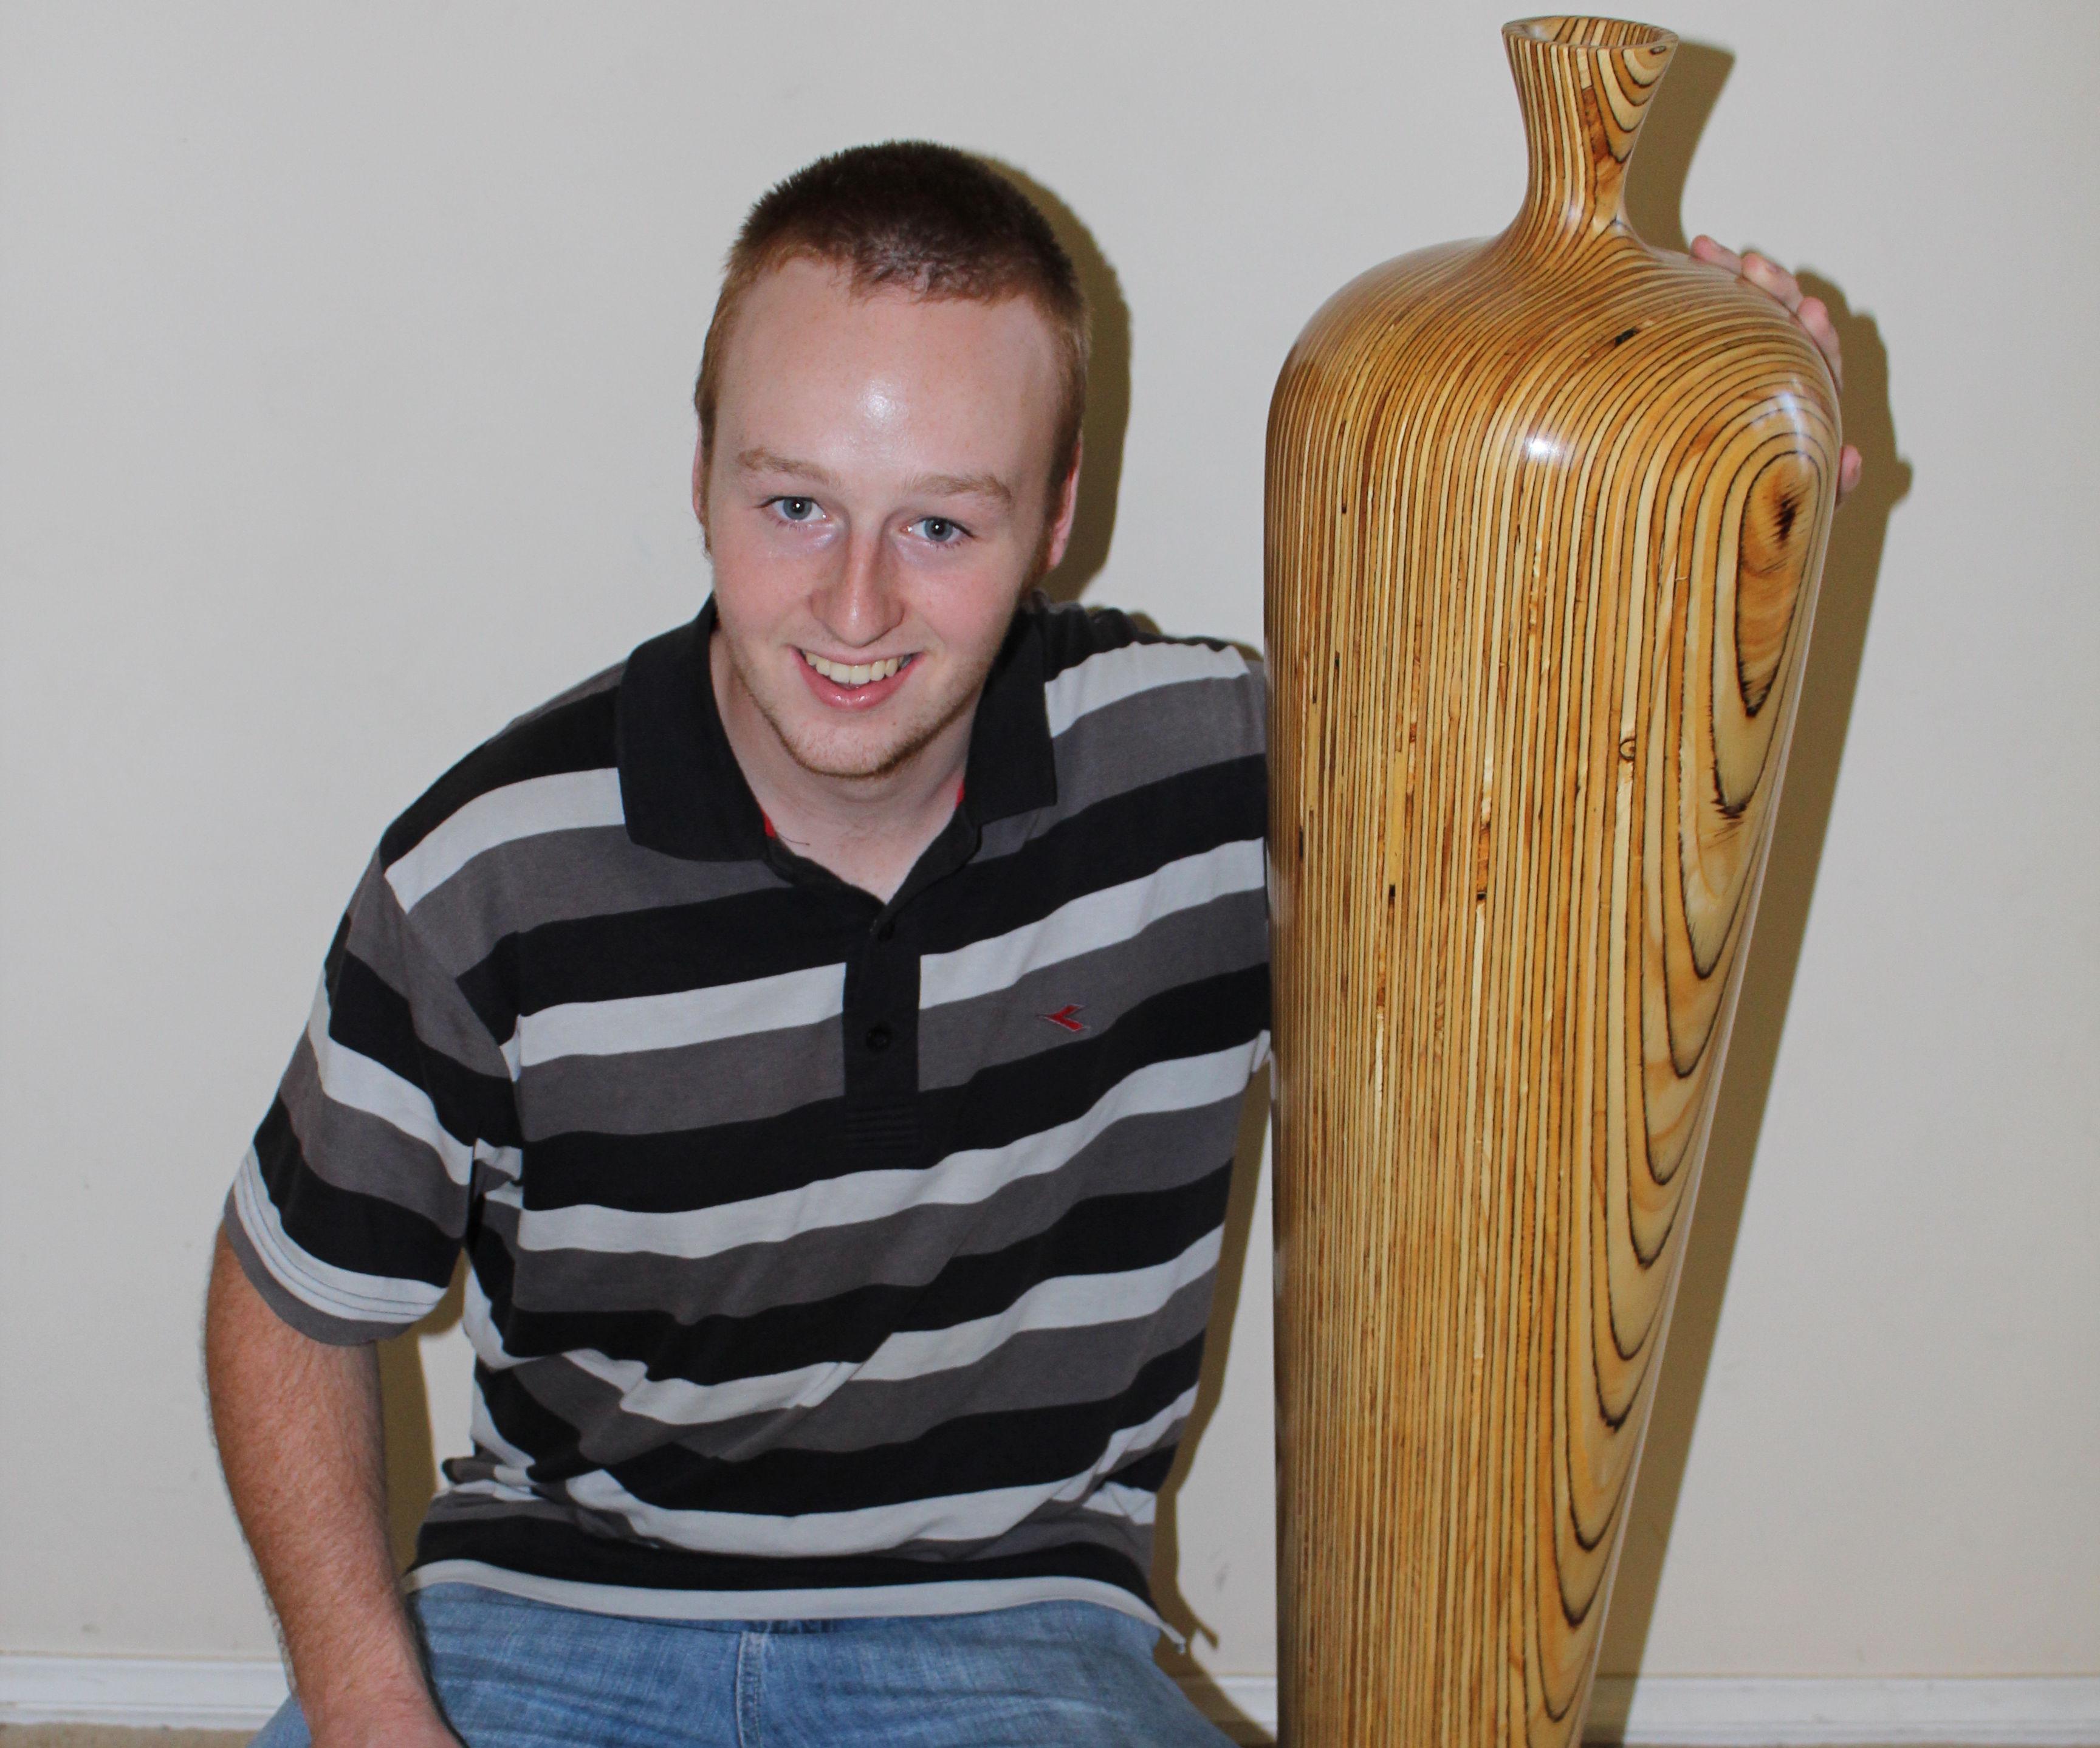 Giant plywood vase